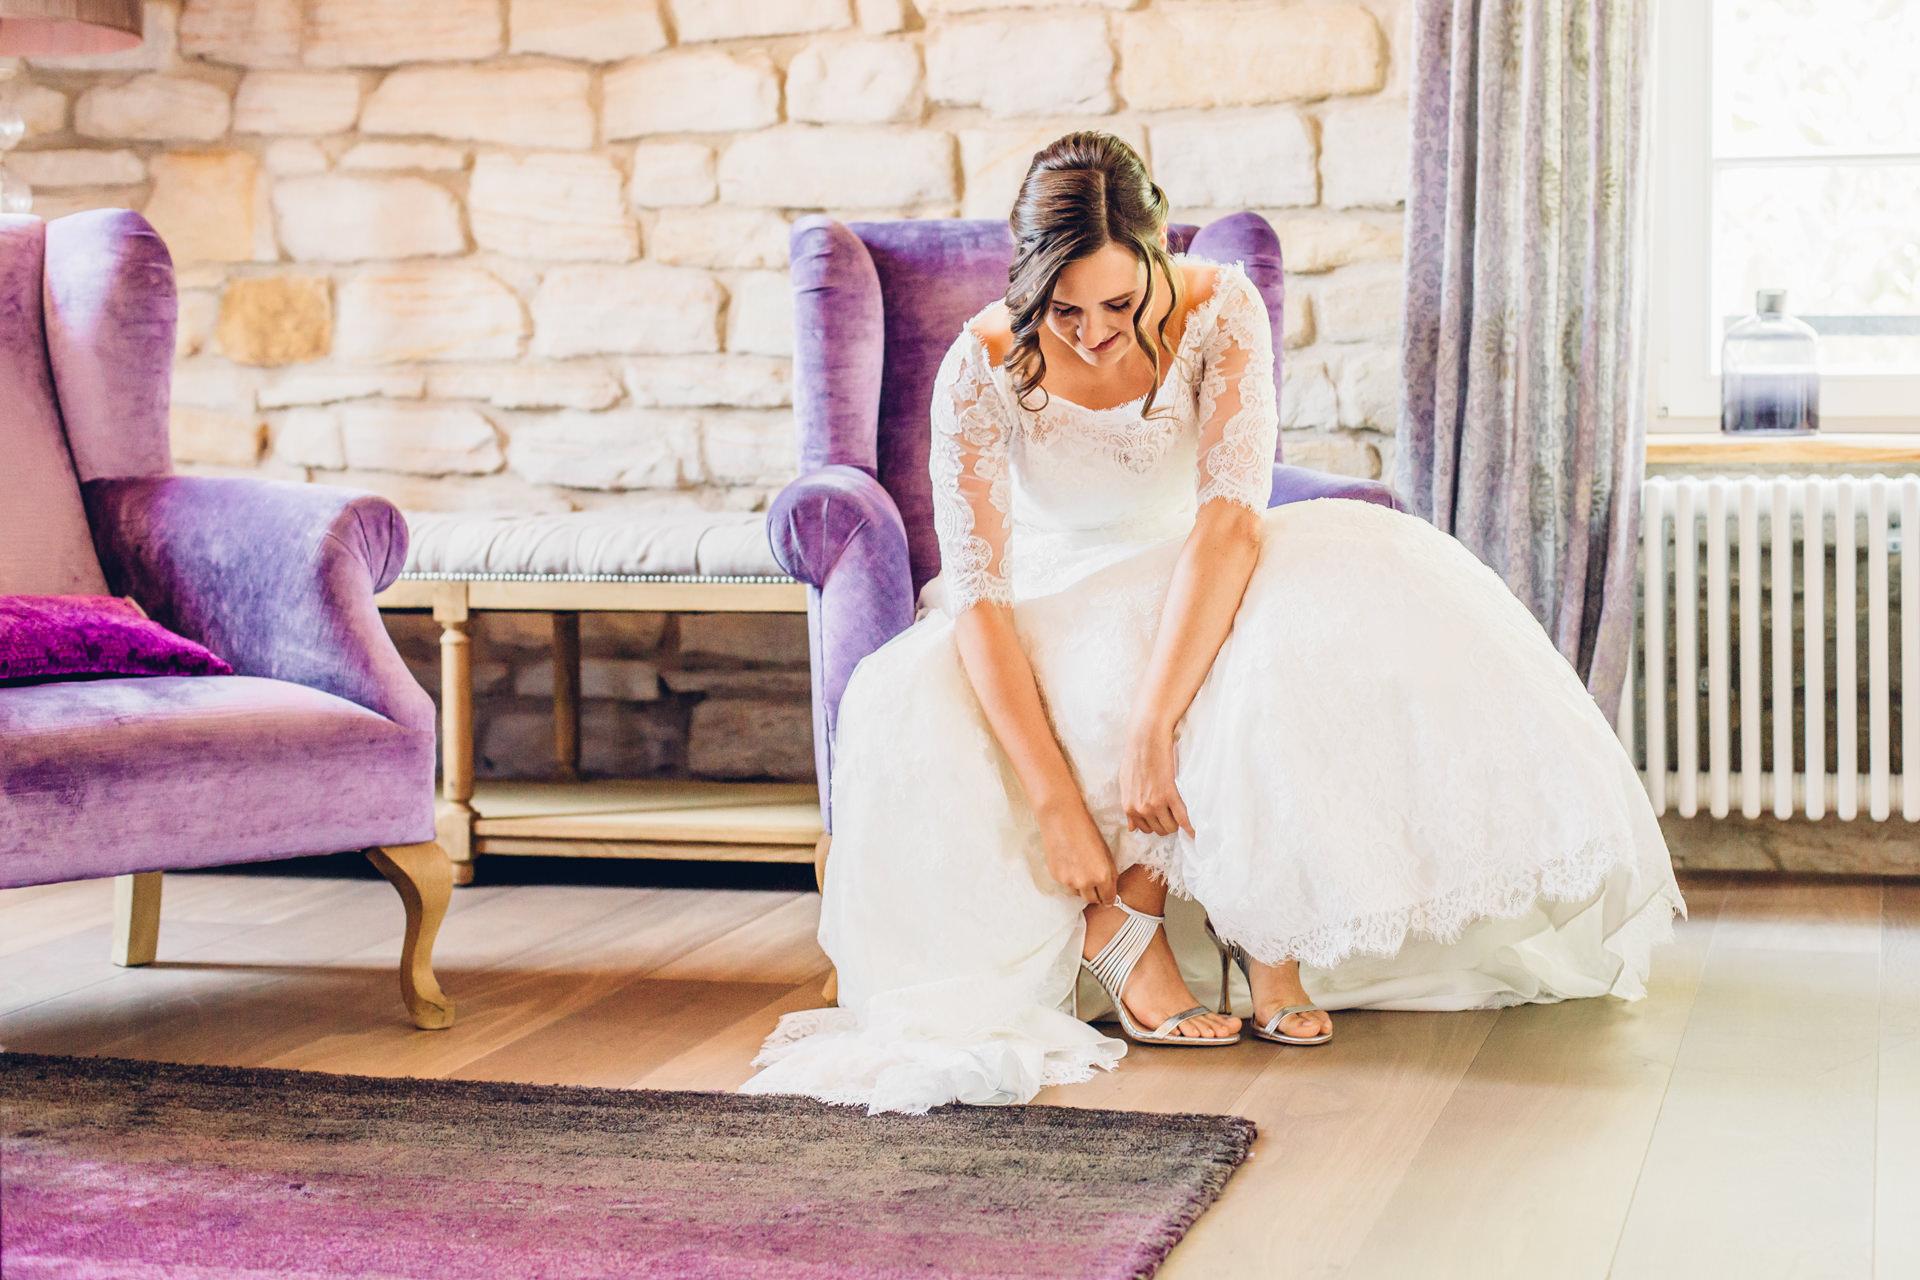 Braut in der Suite im Weingut am Nil